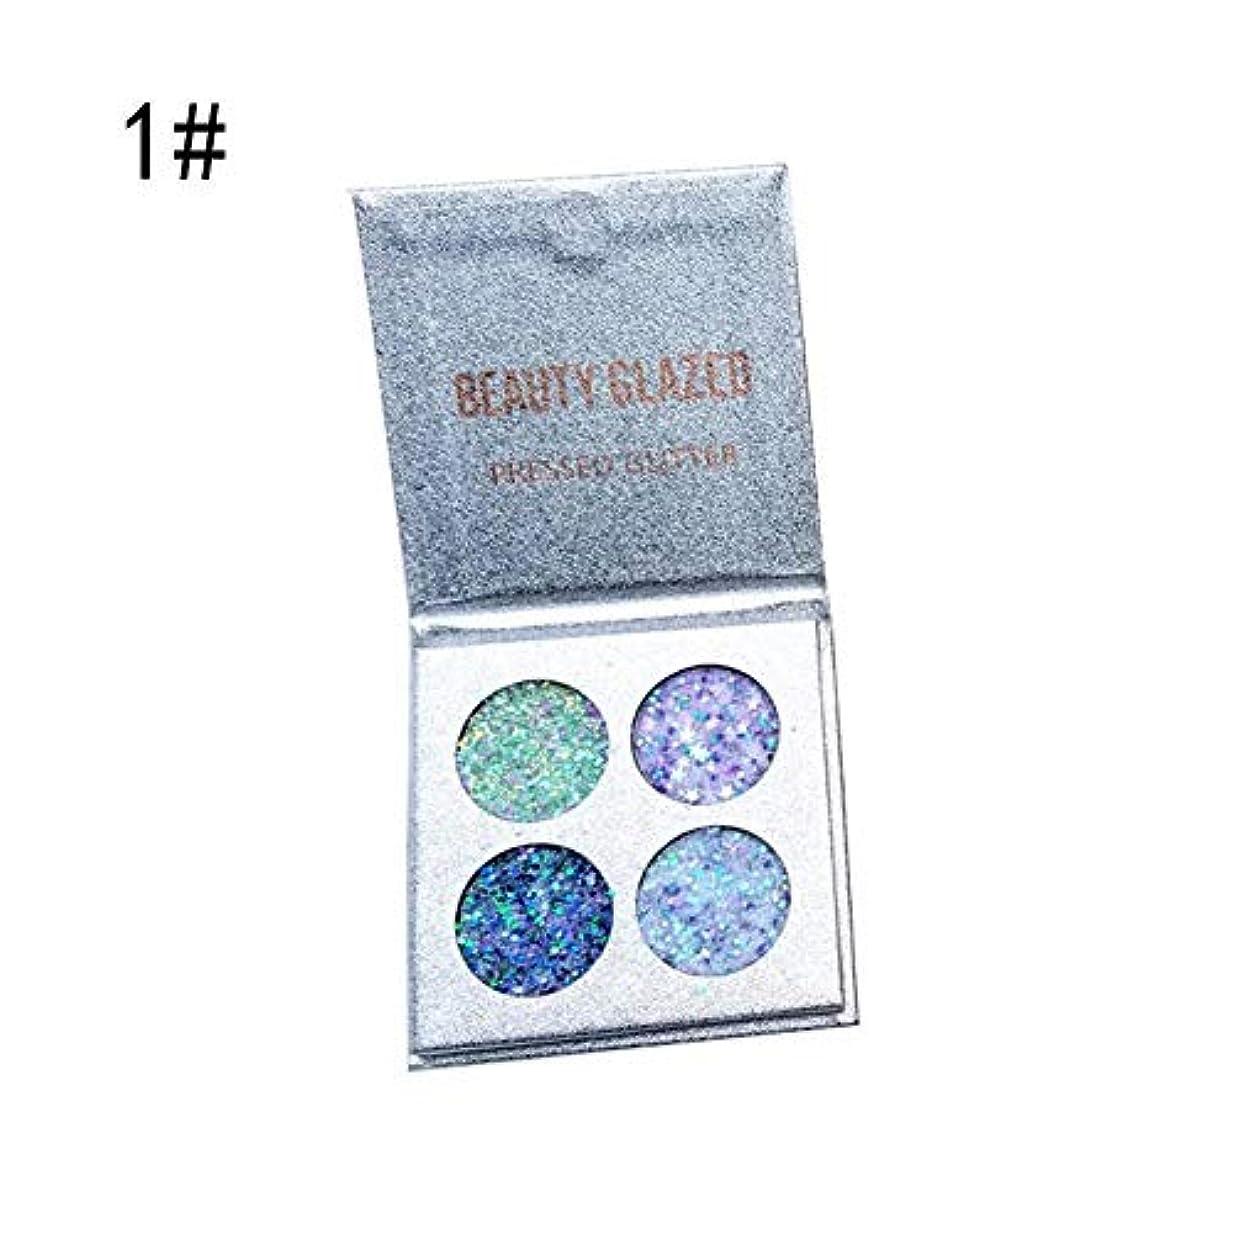 驚かすラオス人ぜいたくBETTER YOU (ベター ュー) beauty glazed 4色スパンコールアイシャドウ、浮遊粉なし、しみ込みやすく、防水、防汗性、持続性、天然 (A 1#)